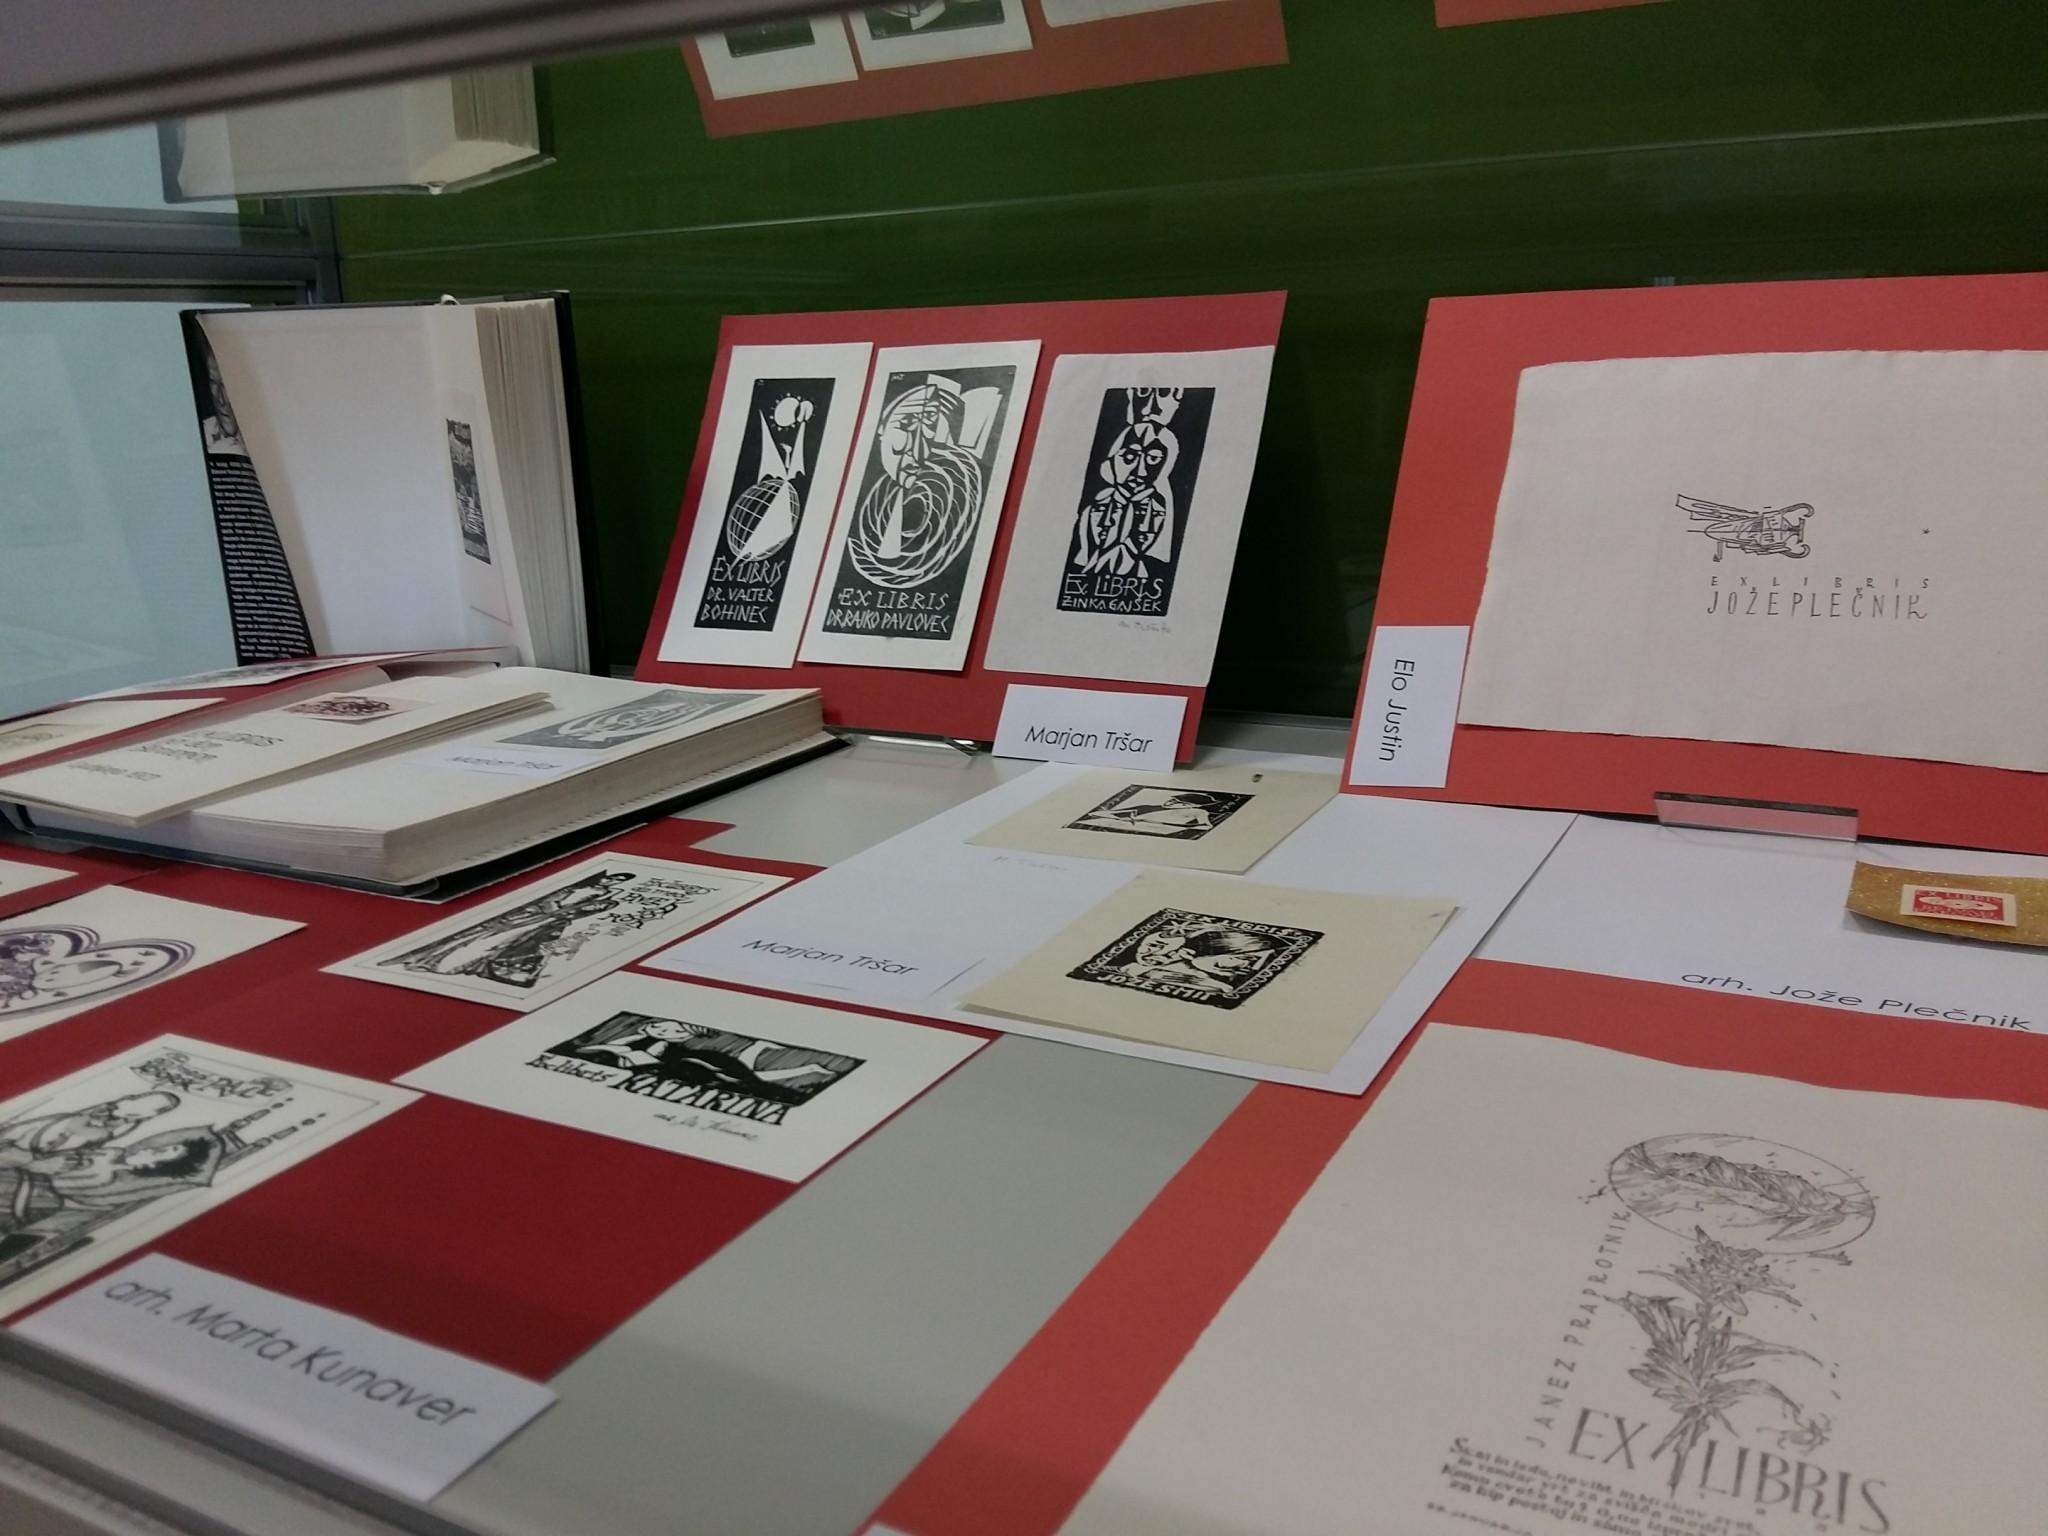 20151008 153452 - Arhiv razstave